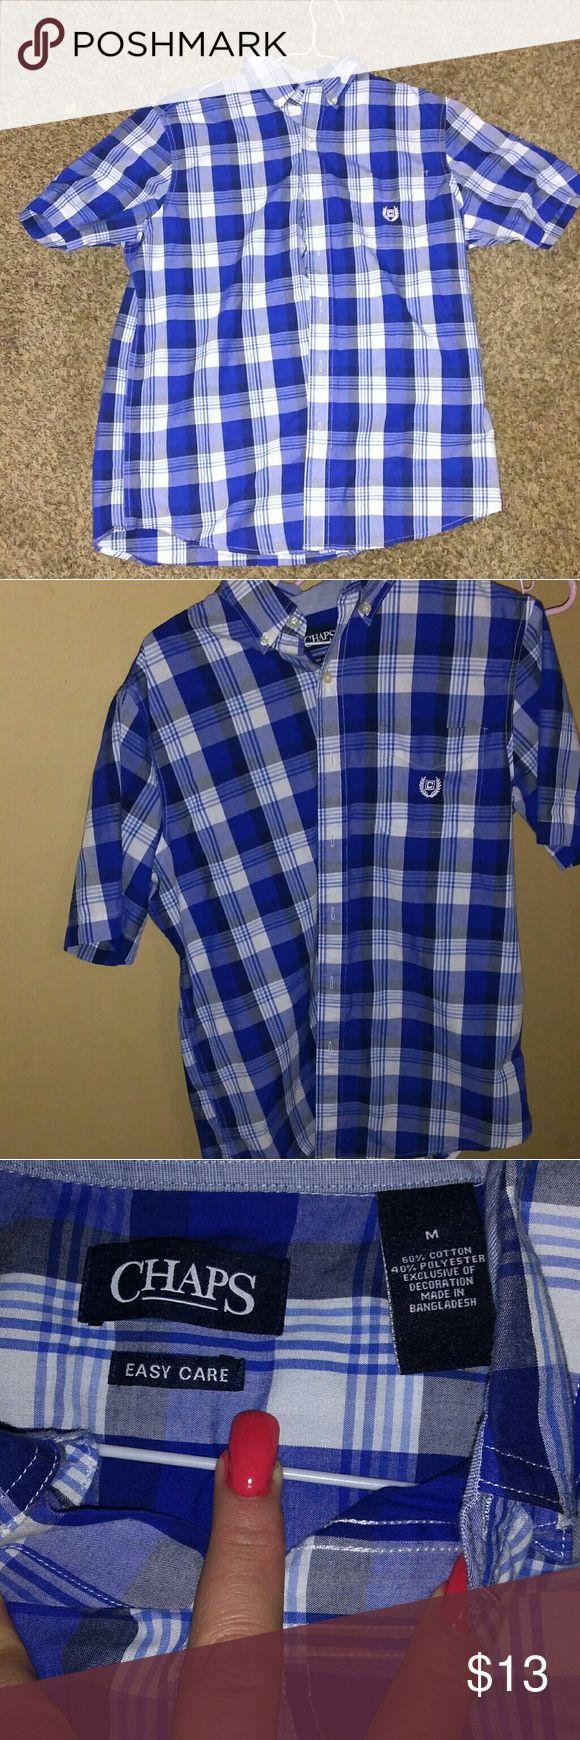 Men's Chaps button up Short sleeve. Blue plaid. Excellent Condition. Chaps Shirts